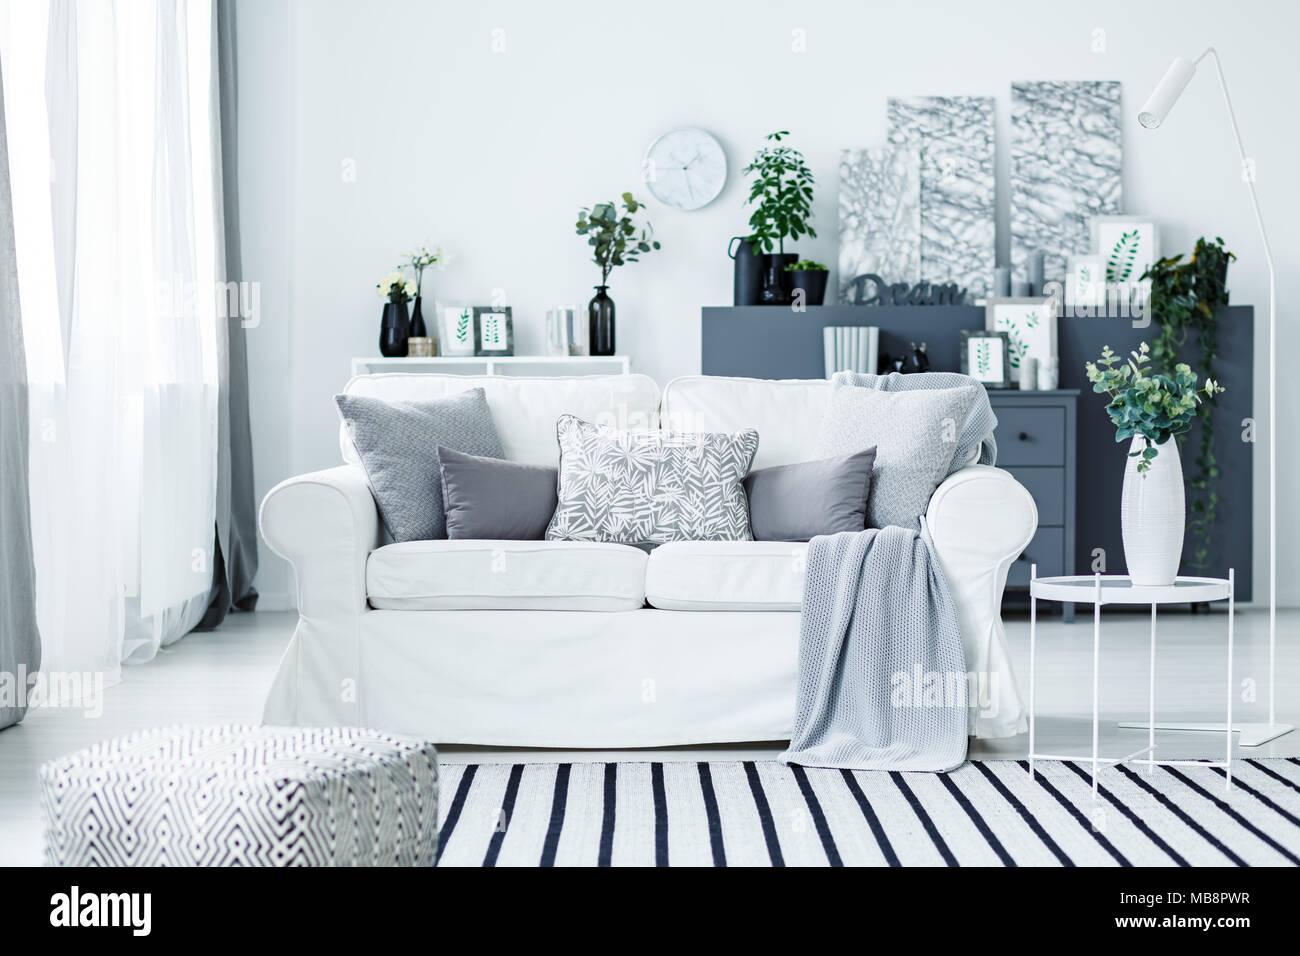 Gemütliche Weiß Sofa Und Einem Gestreiften Teppich In Ein Stilvolles, Modernes  Wohnzimmer Interieur Mit Grauen Möbeln Und Dekorationen